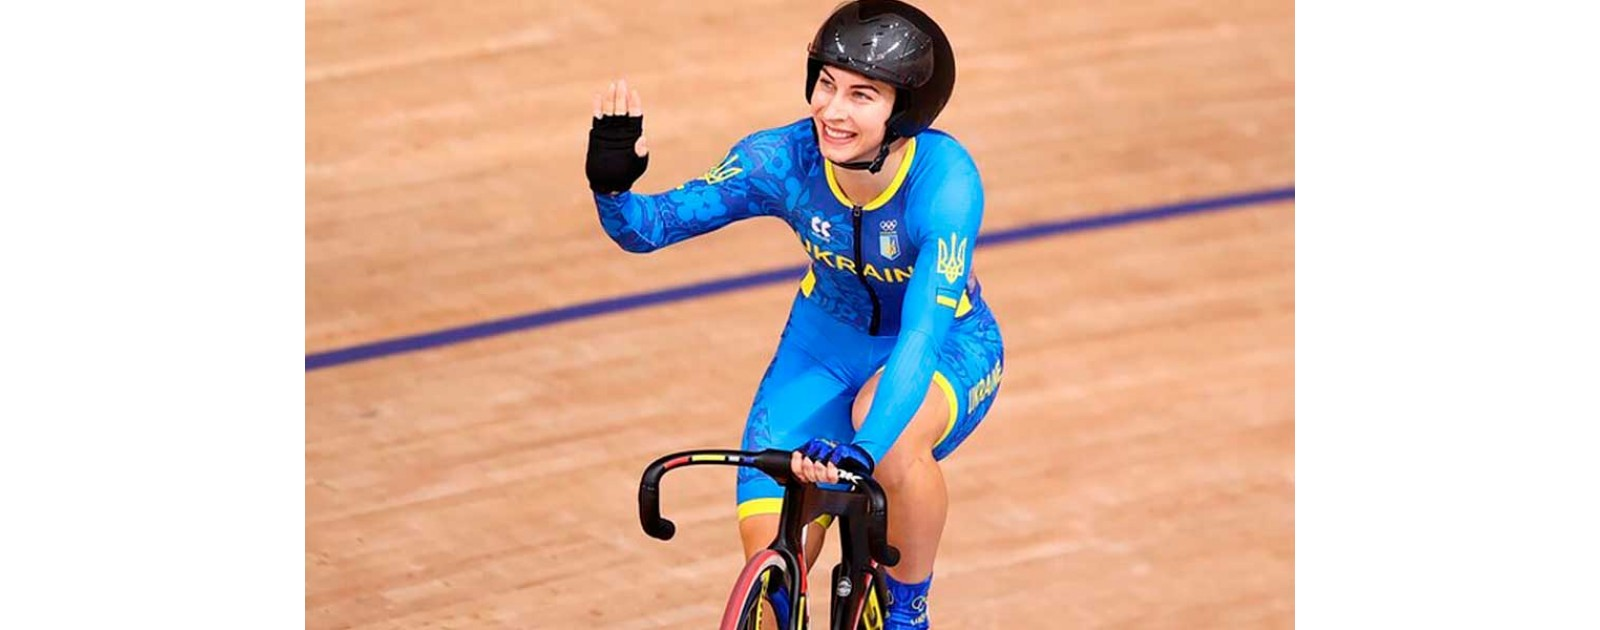 Украинка взяла серебро по велотреку чемпионата Европы